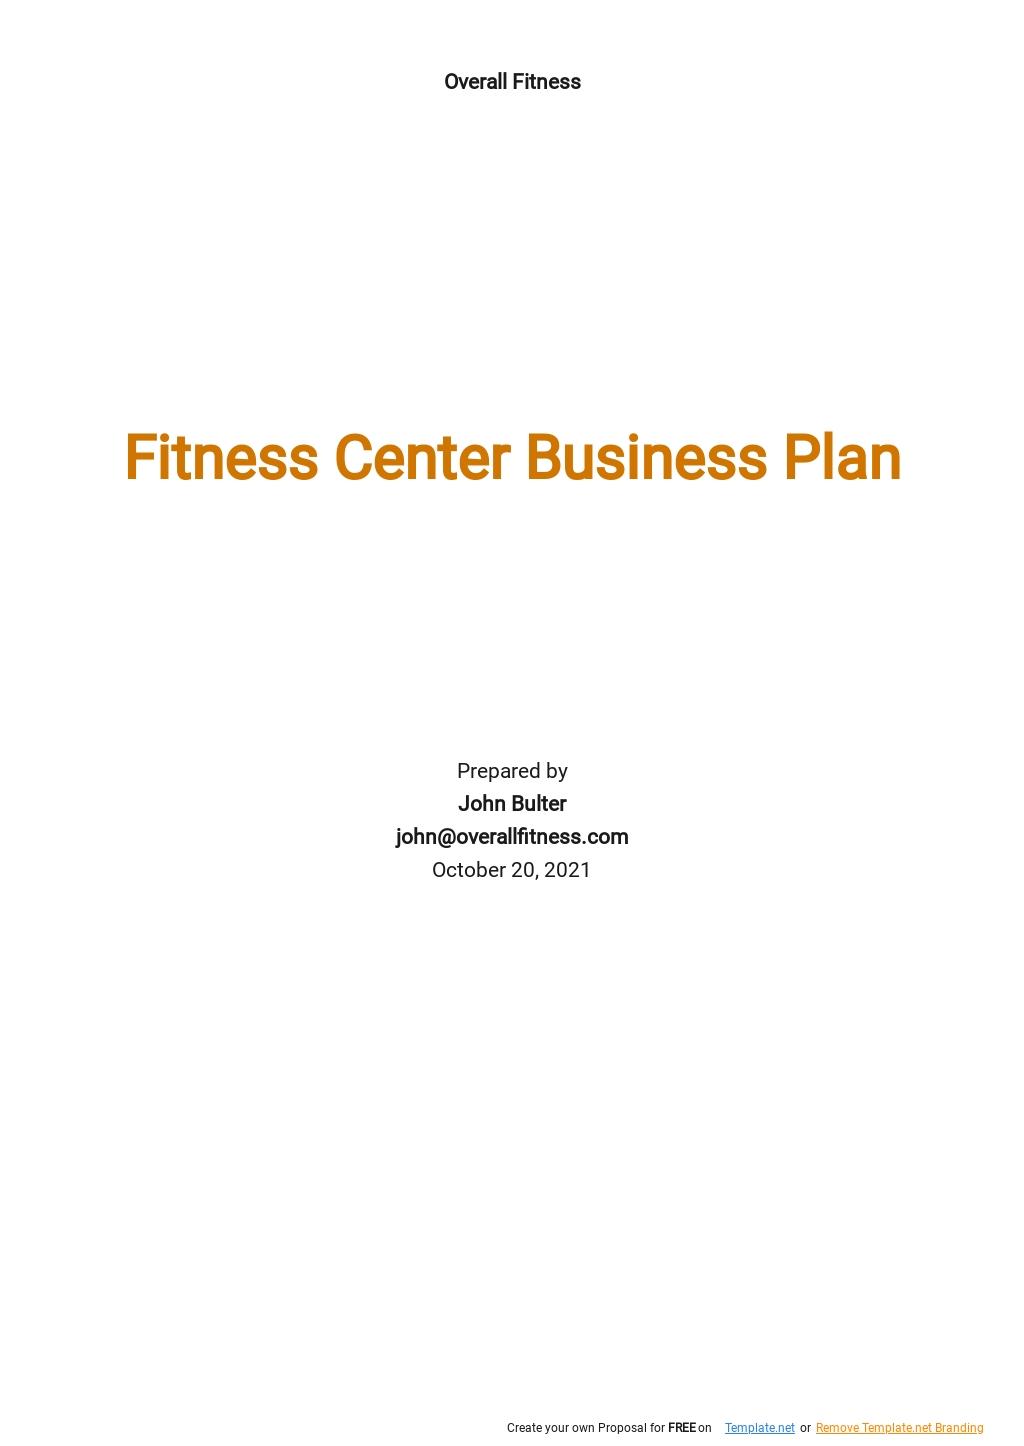 Fitness Center Business Plan Template.jpe